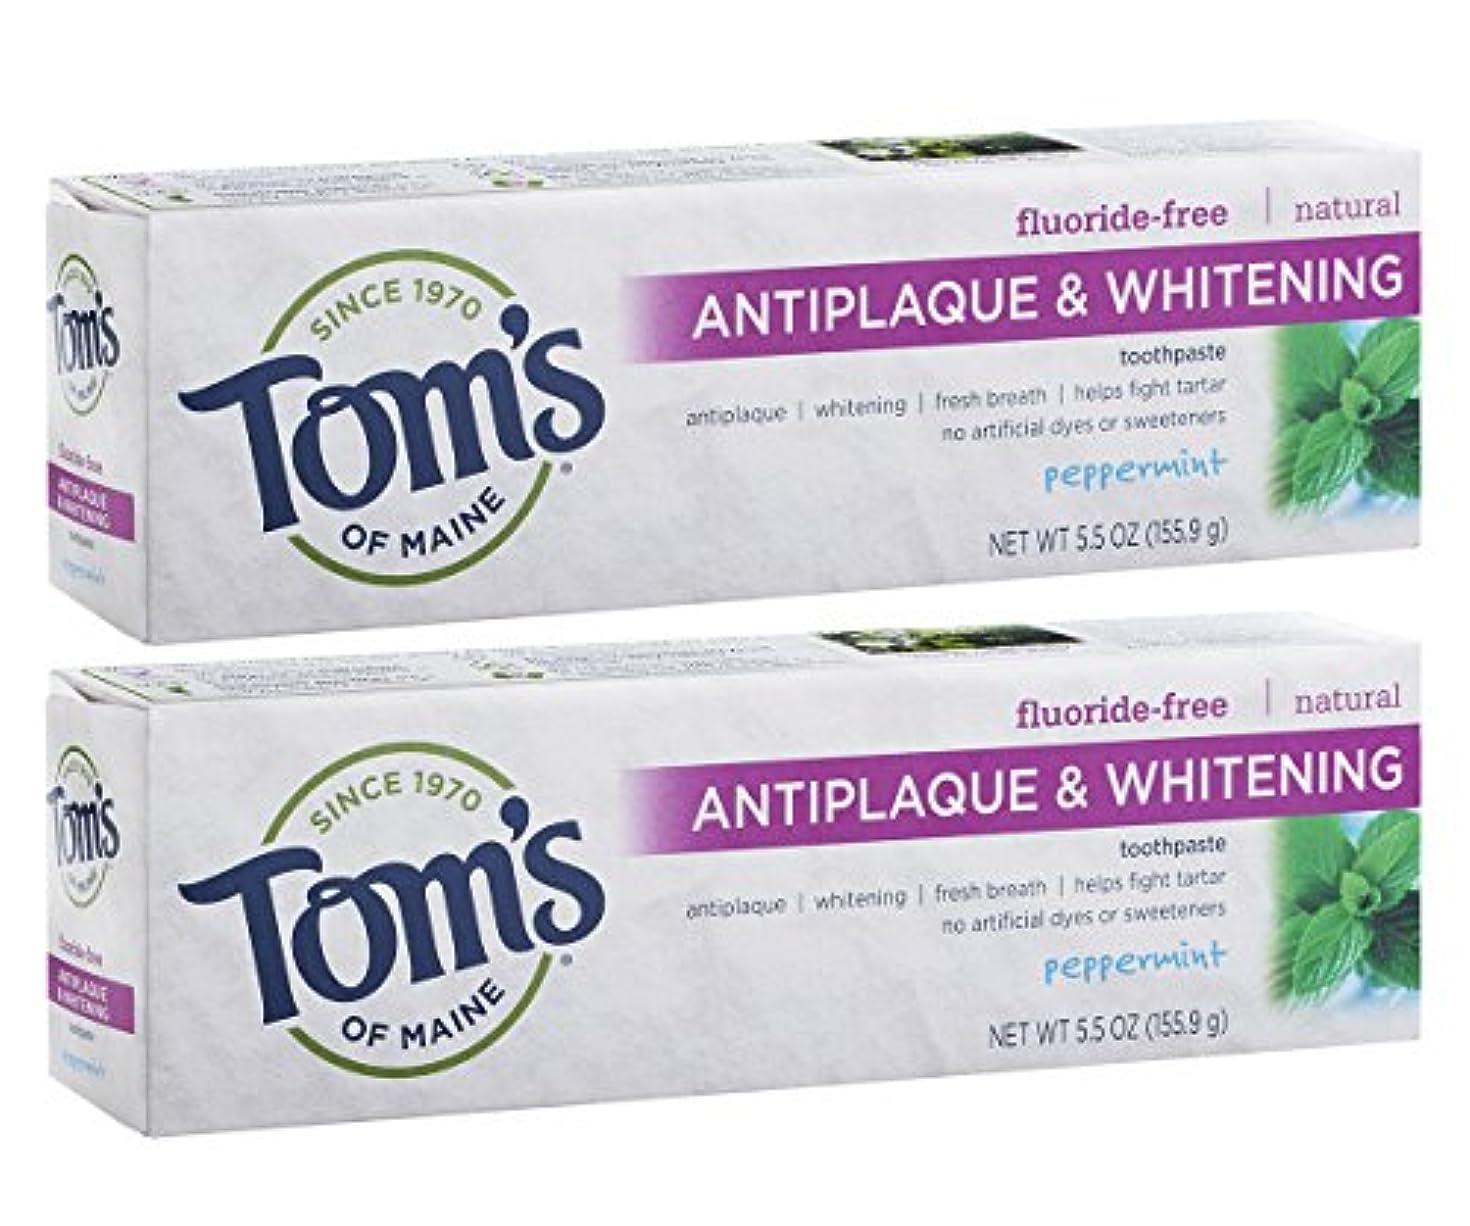 好むイブ批判的Tom's of Maine Antiplaque And Whitening Fluoride-Free Toothpaste, Peppermint, 5.5-Ounce by Tom's of Maine